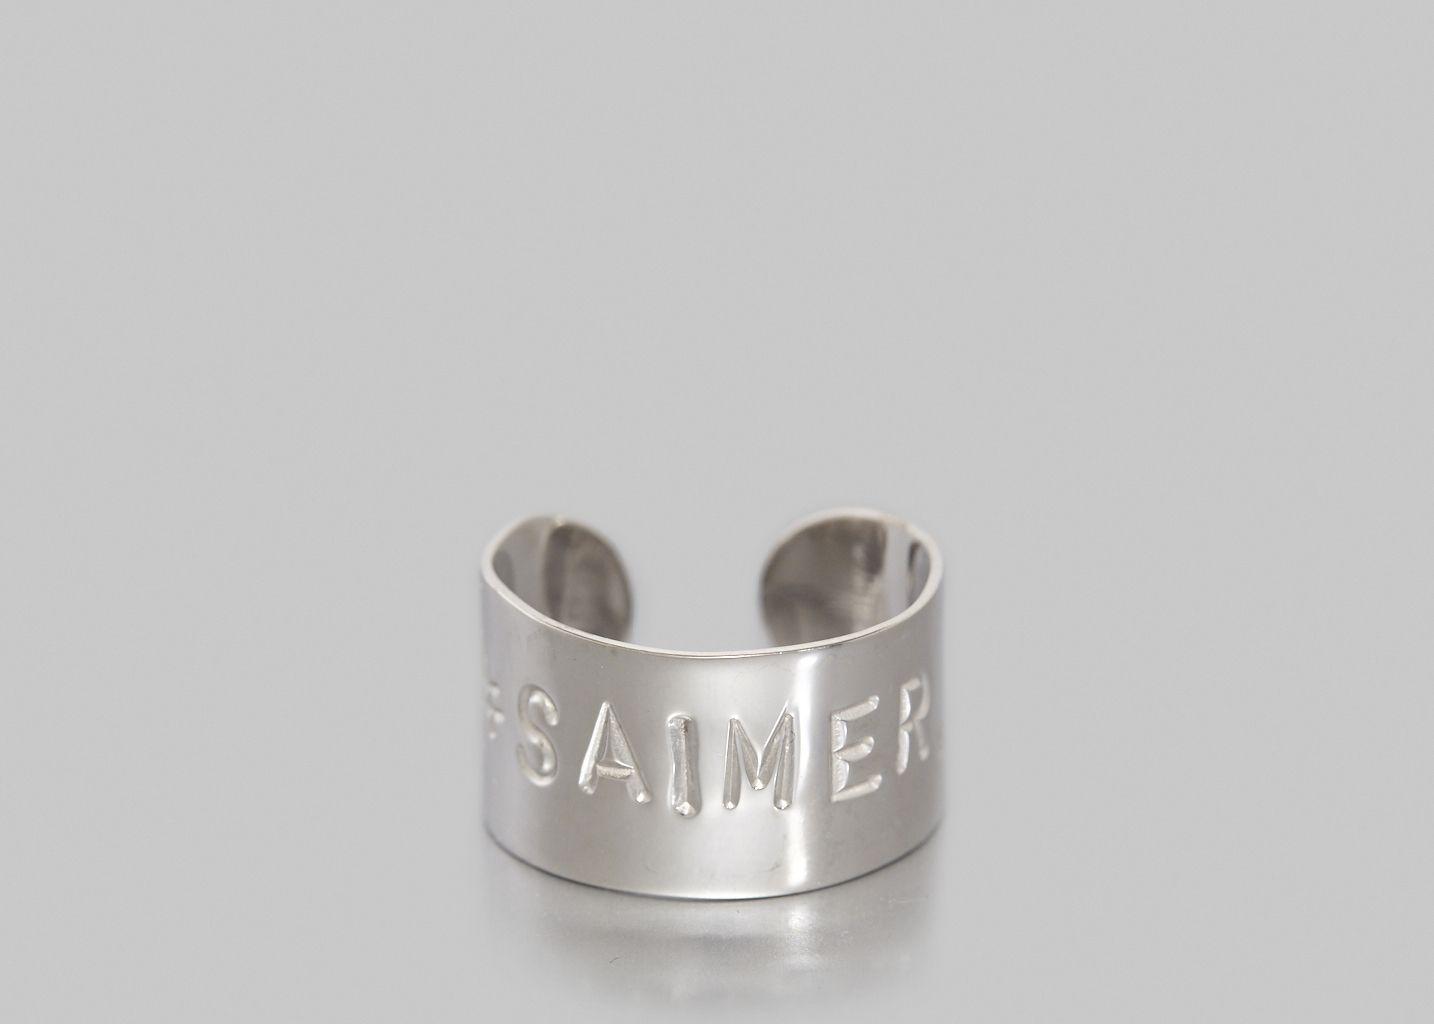 Bague #SAIMER Thin - Mimilamour